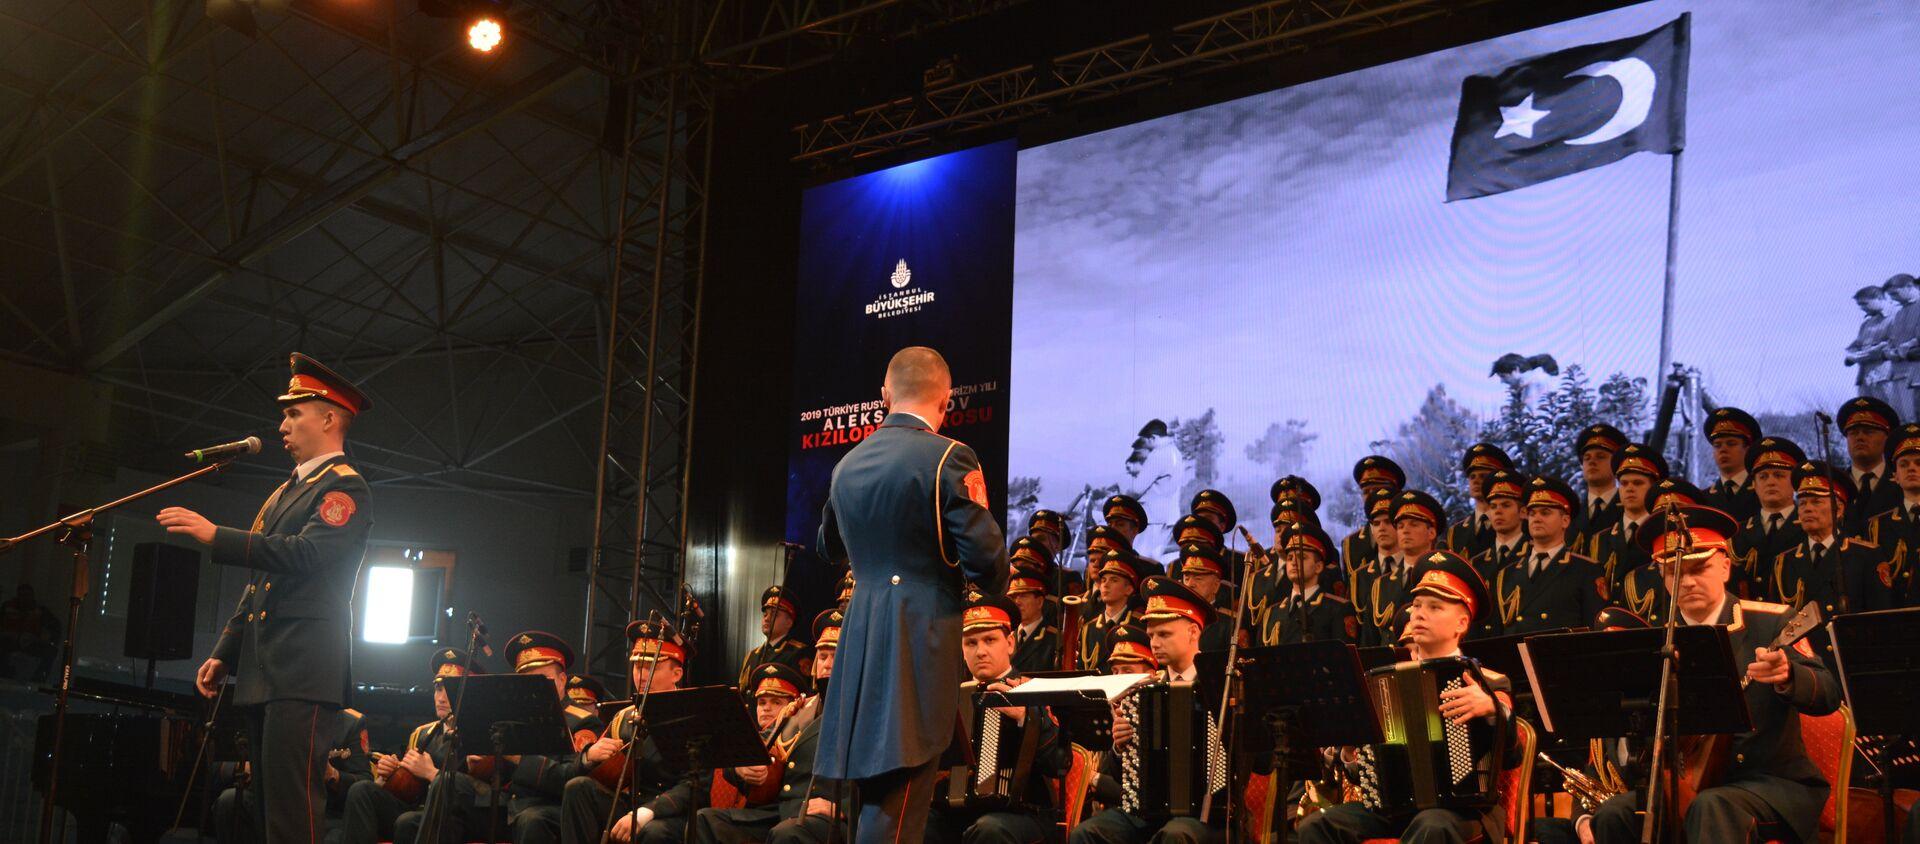 Alexandrov Kızılordu Korosu bu yıl Türkiye'deki ilk konserini gerçekleştirdi - Sputnik Türkiye, 1920, 18.03.2021